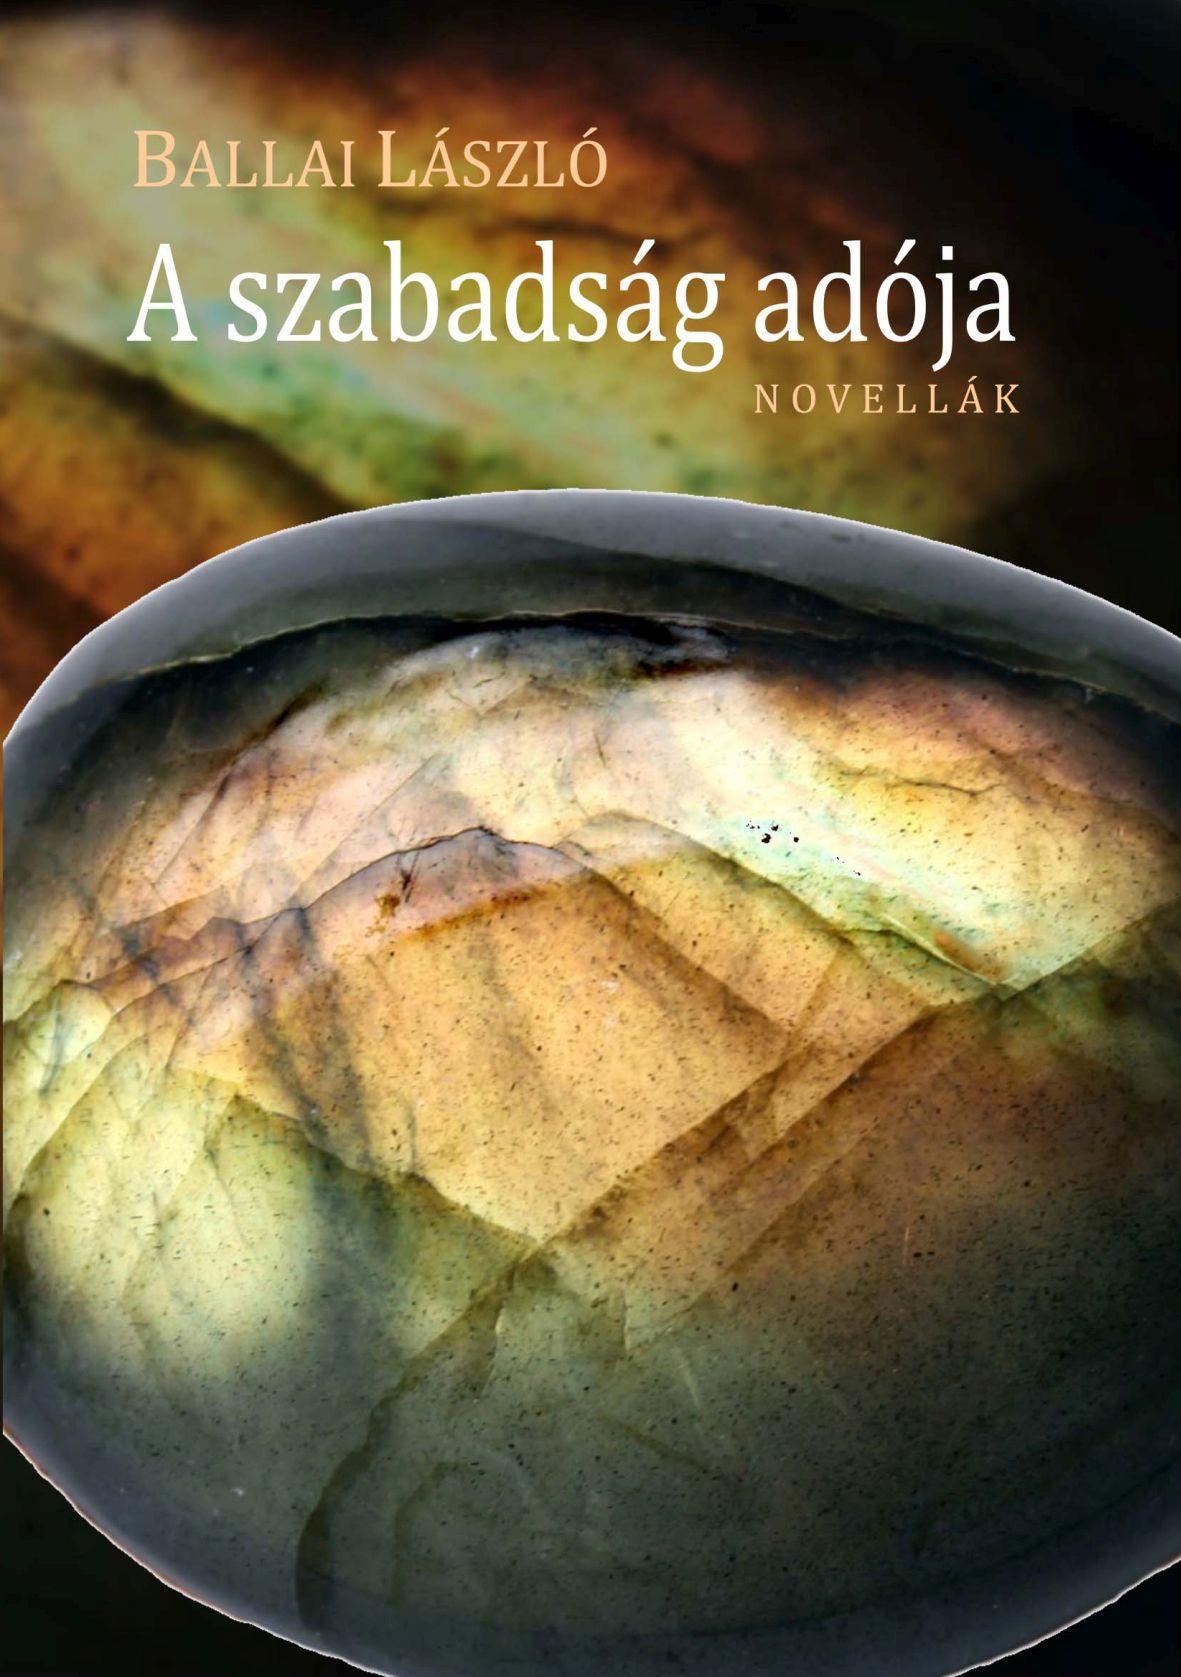 A SZABADSÁG ADÓJA - ÜKH 2016